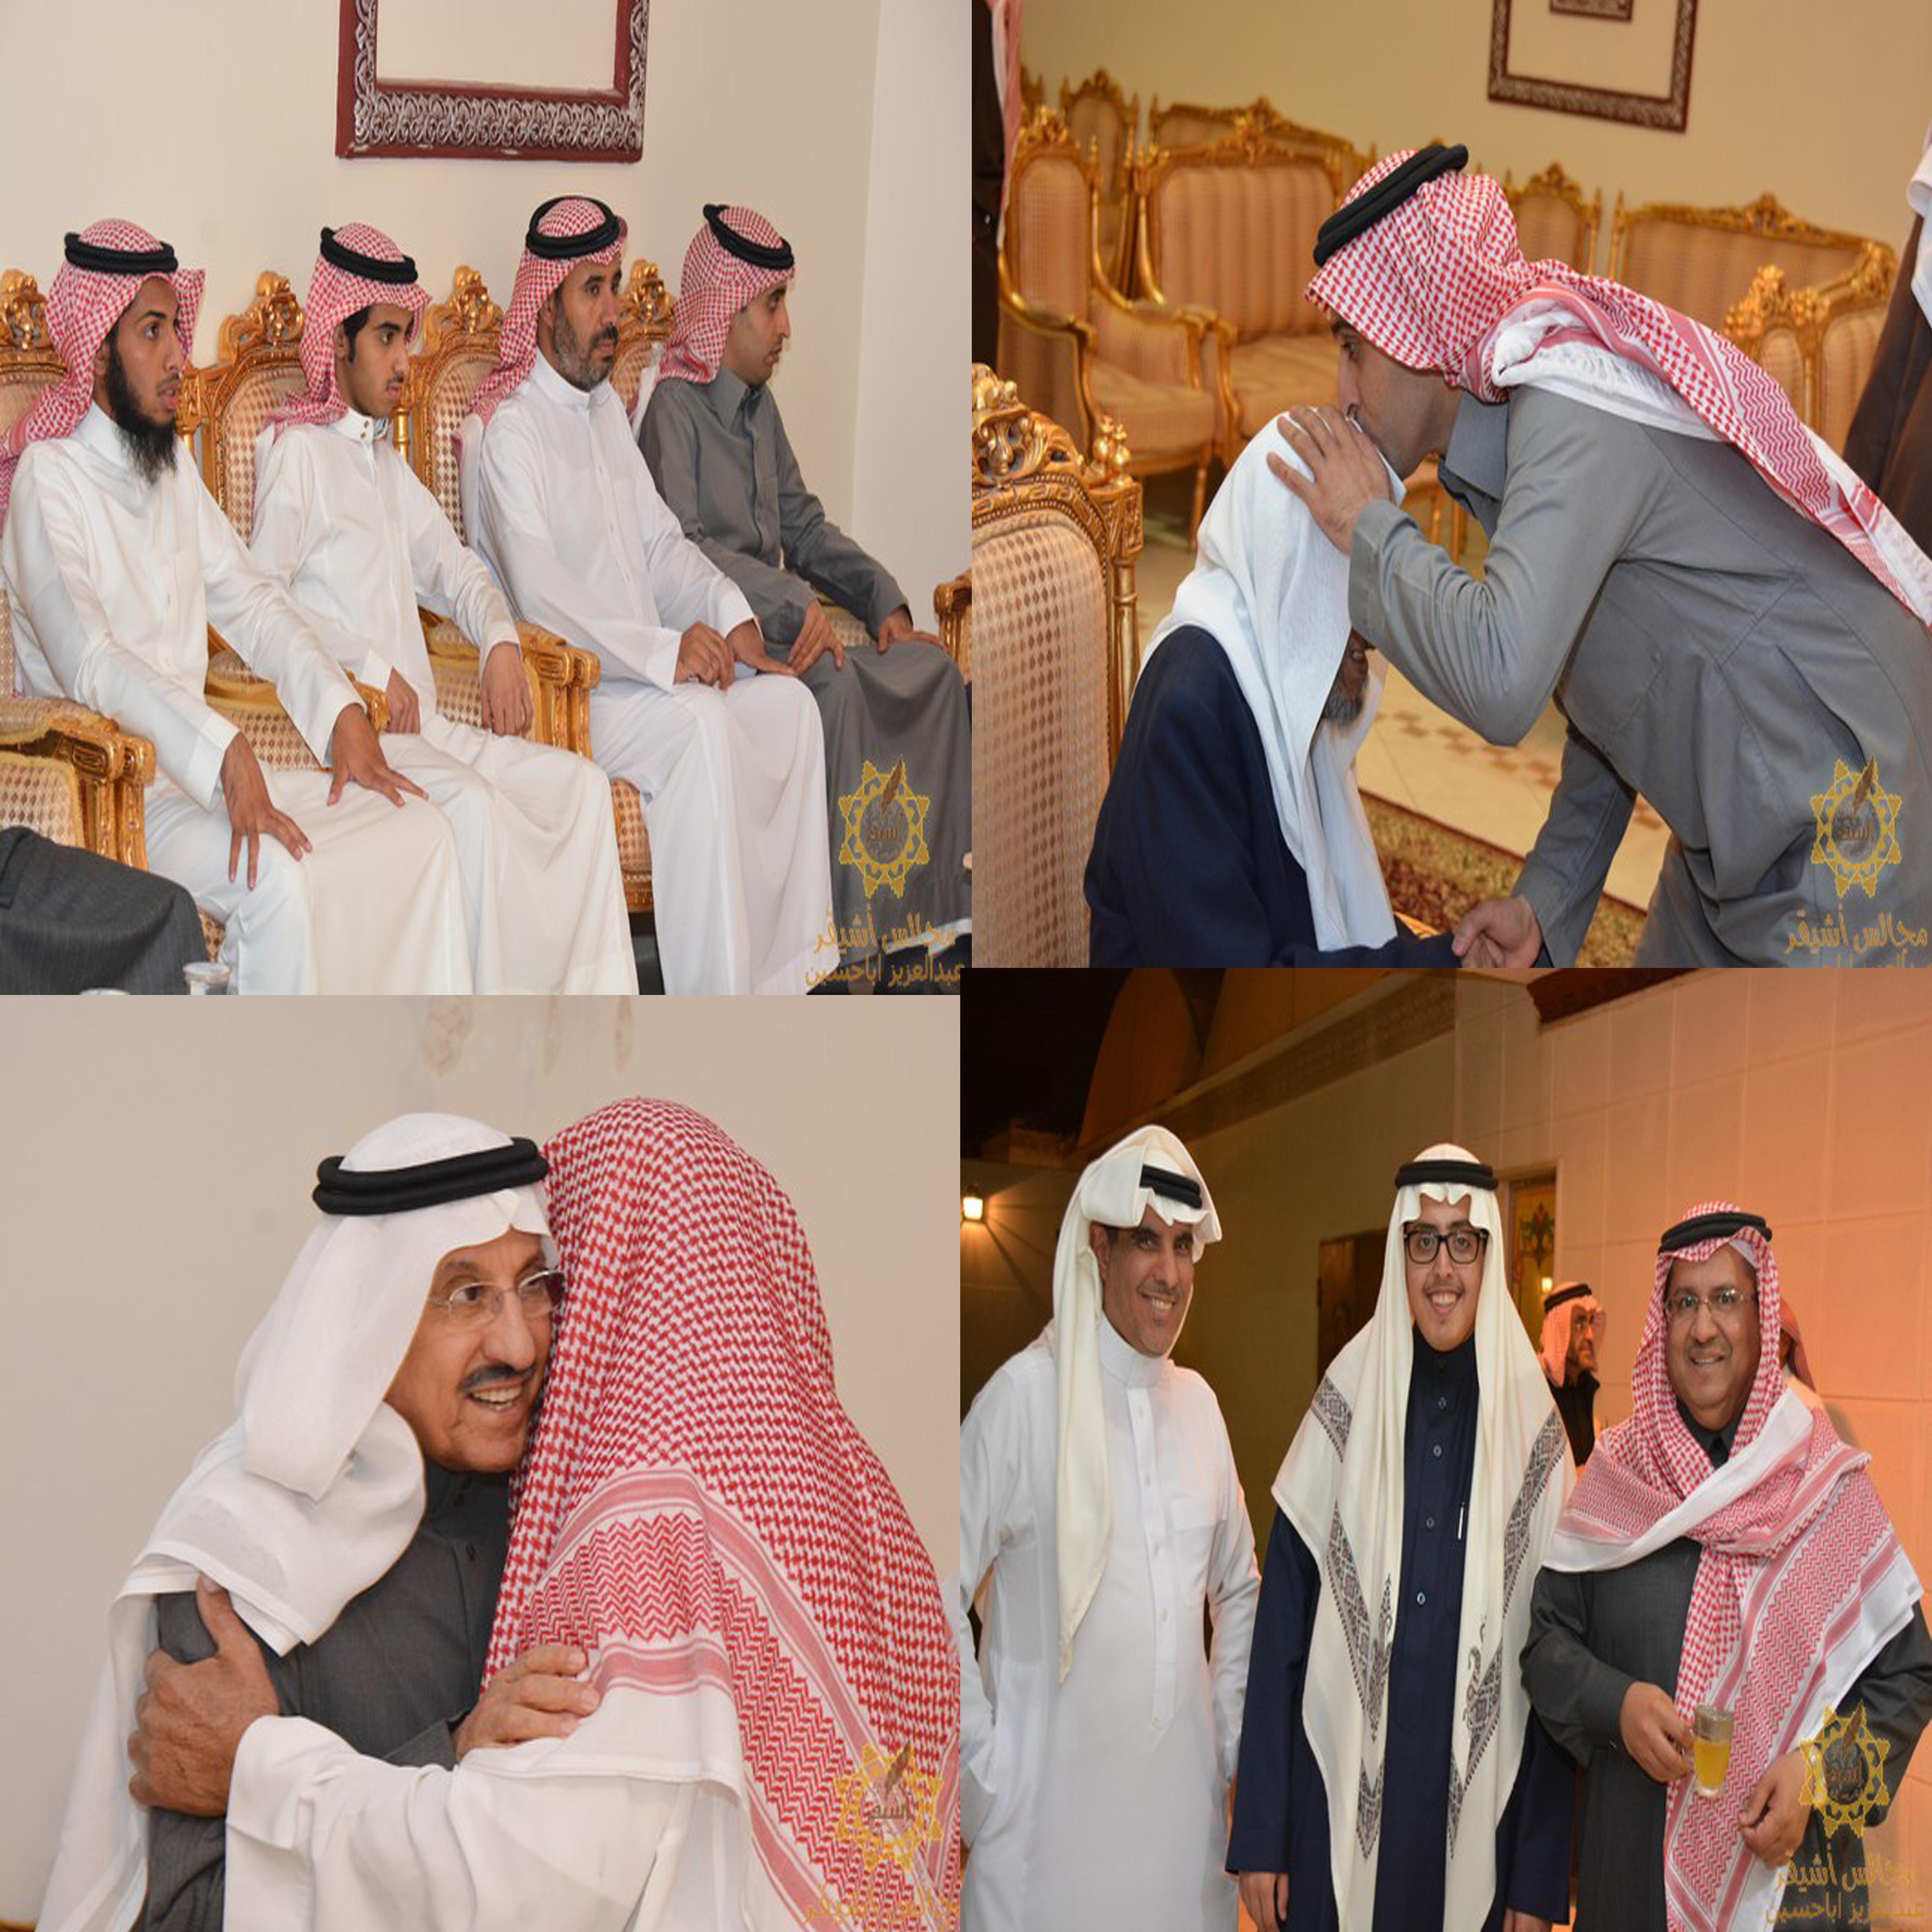 صورة أسرة آل أباحسين تعقد اجتماعها الشهري للعائلة